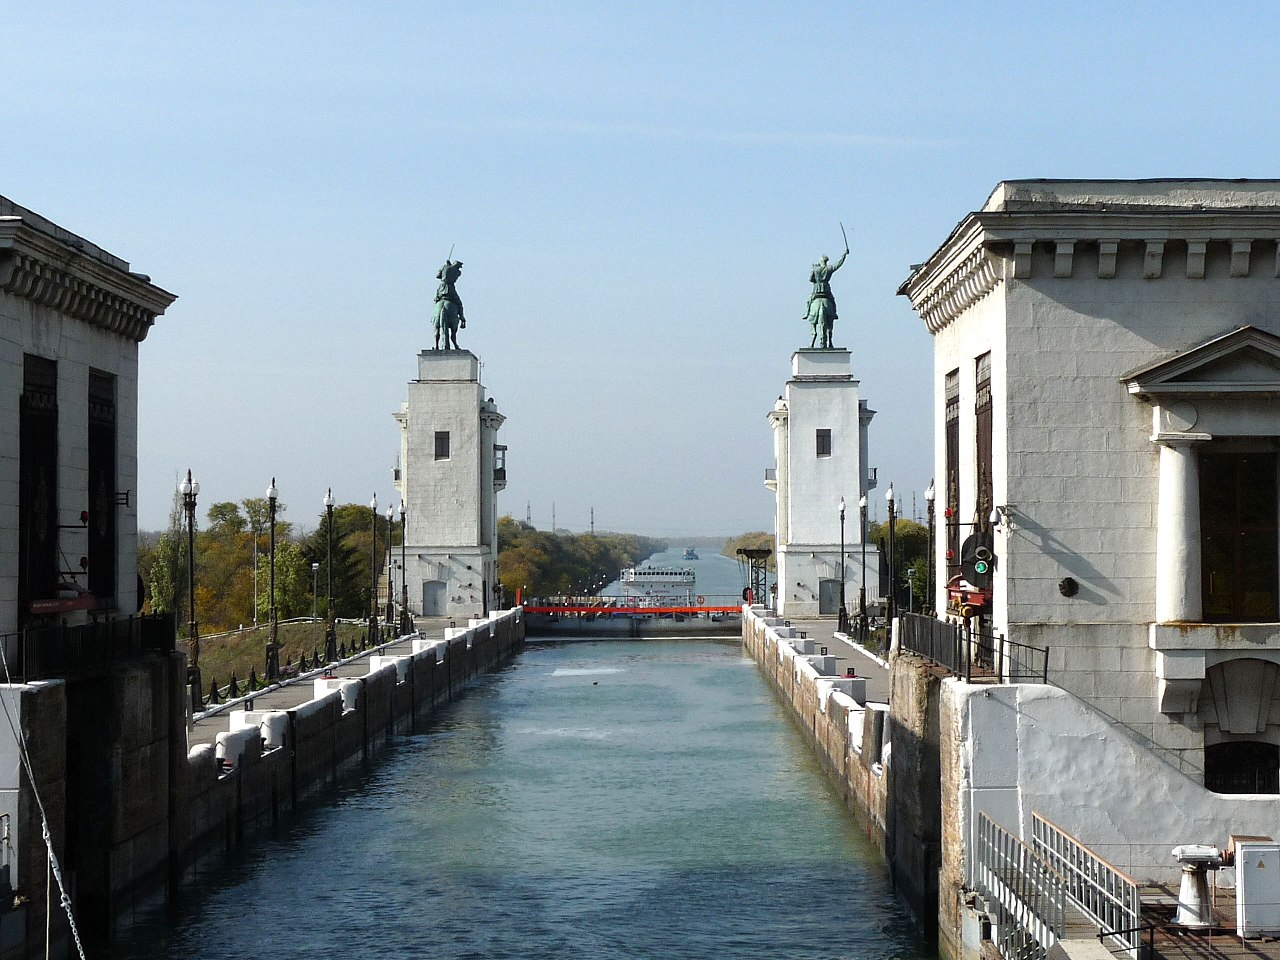 Движение по новому мосту через Волго-Донской канал планируют открыть к 2022-му году